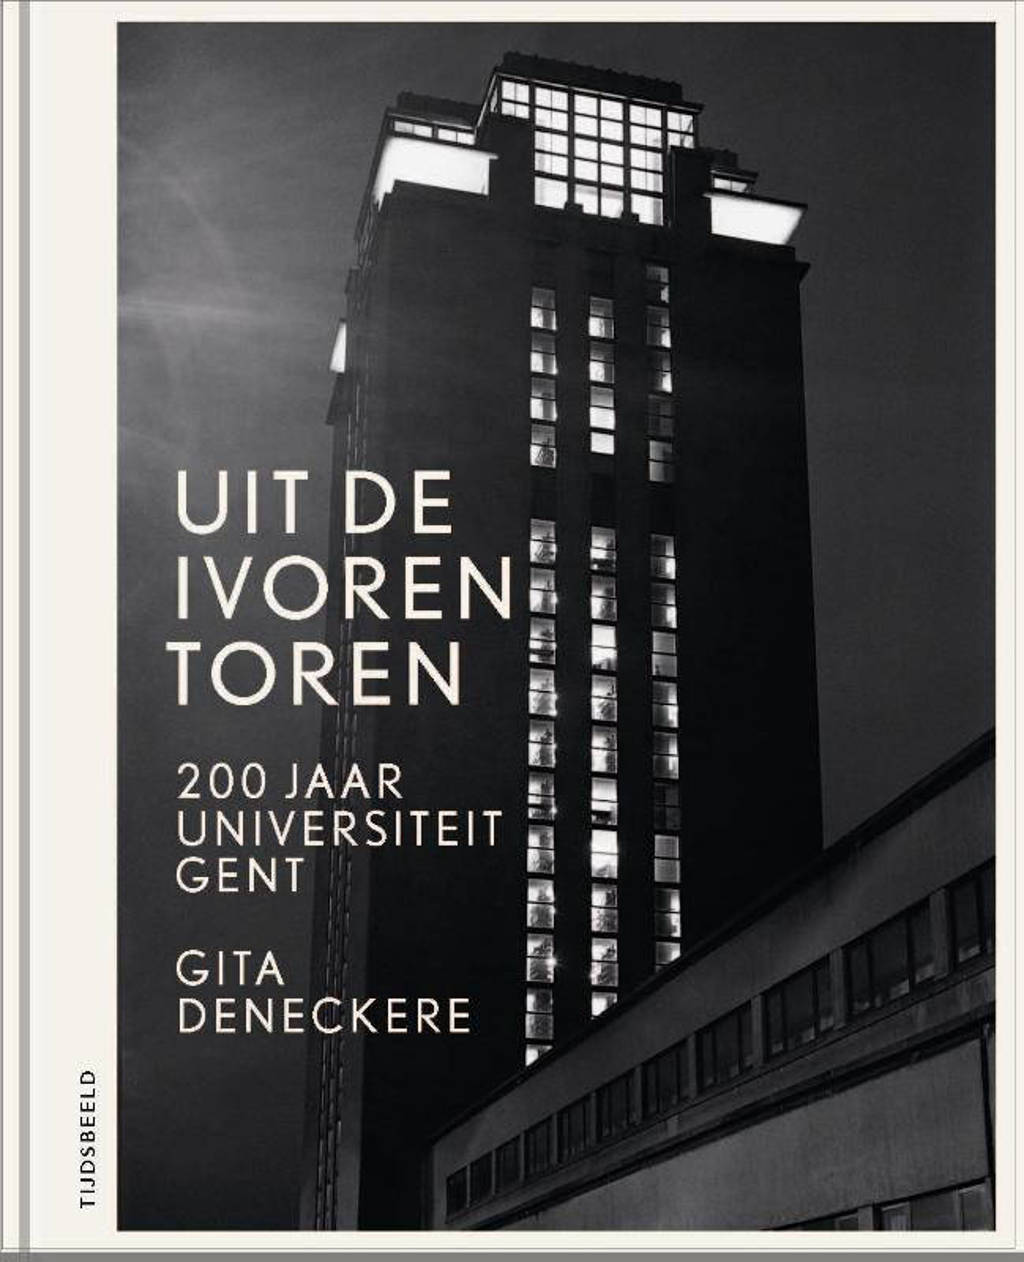 Uit de ivoren toren - Gita Deneckere